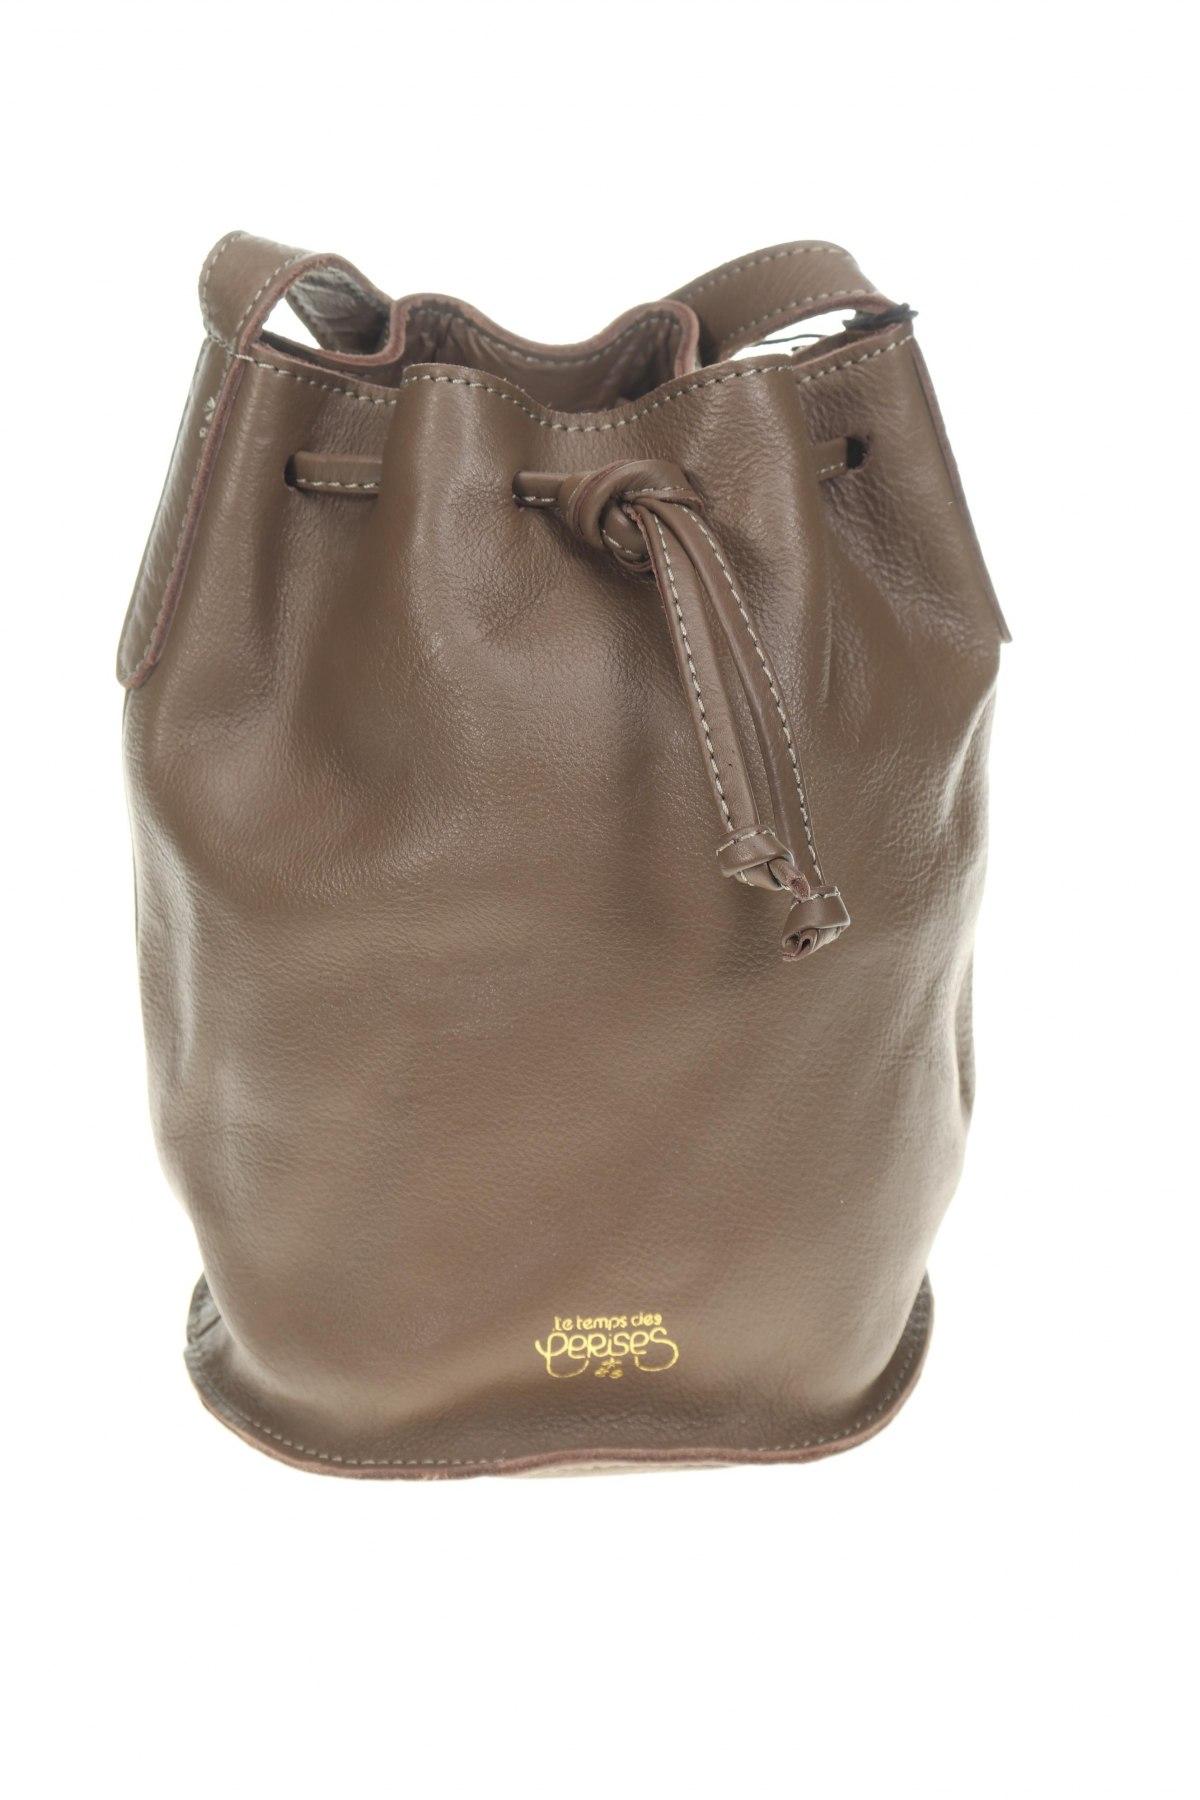 Дамска чанта Le Temps Des Cerises, Цвят Кафяв, Естествена кожа, Цена 132,30лв.